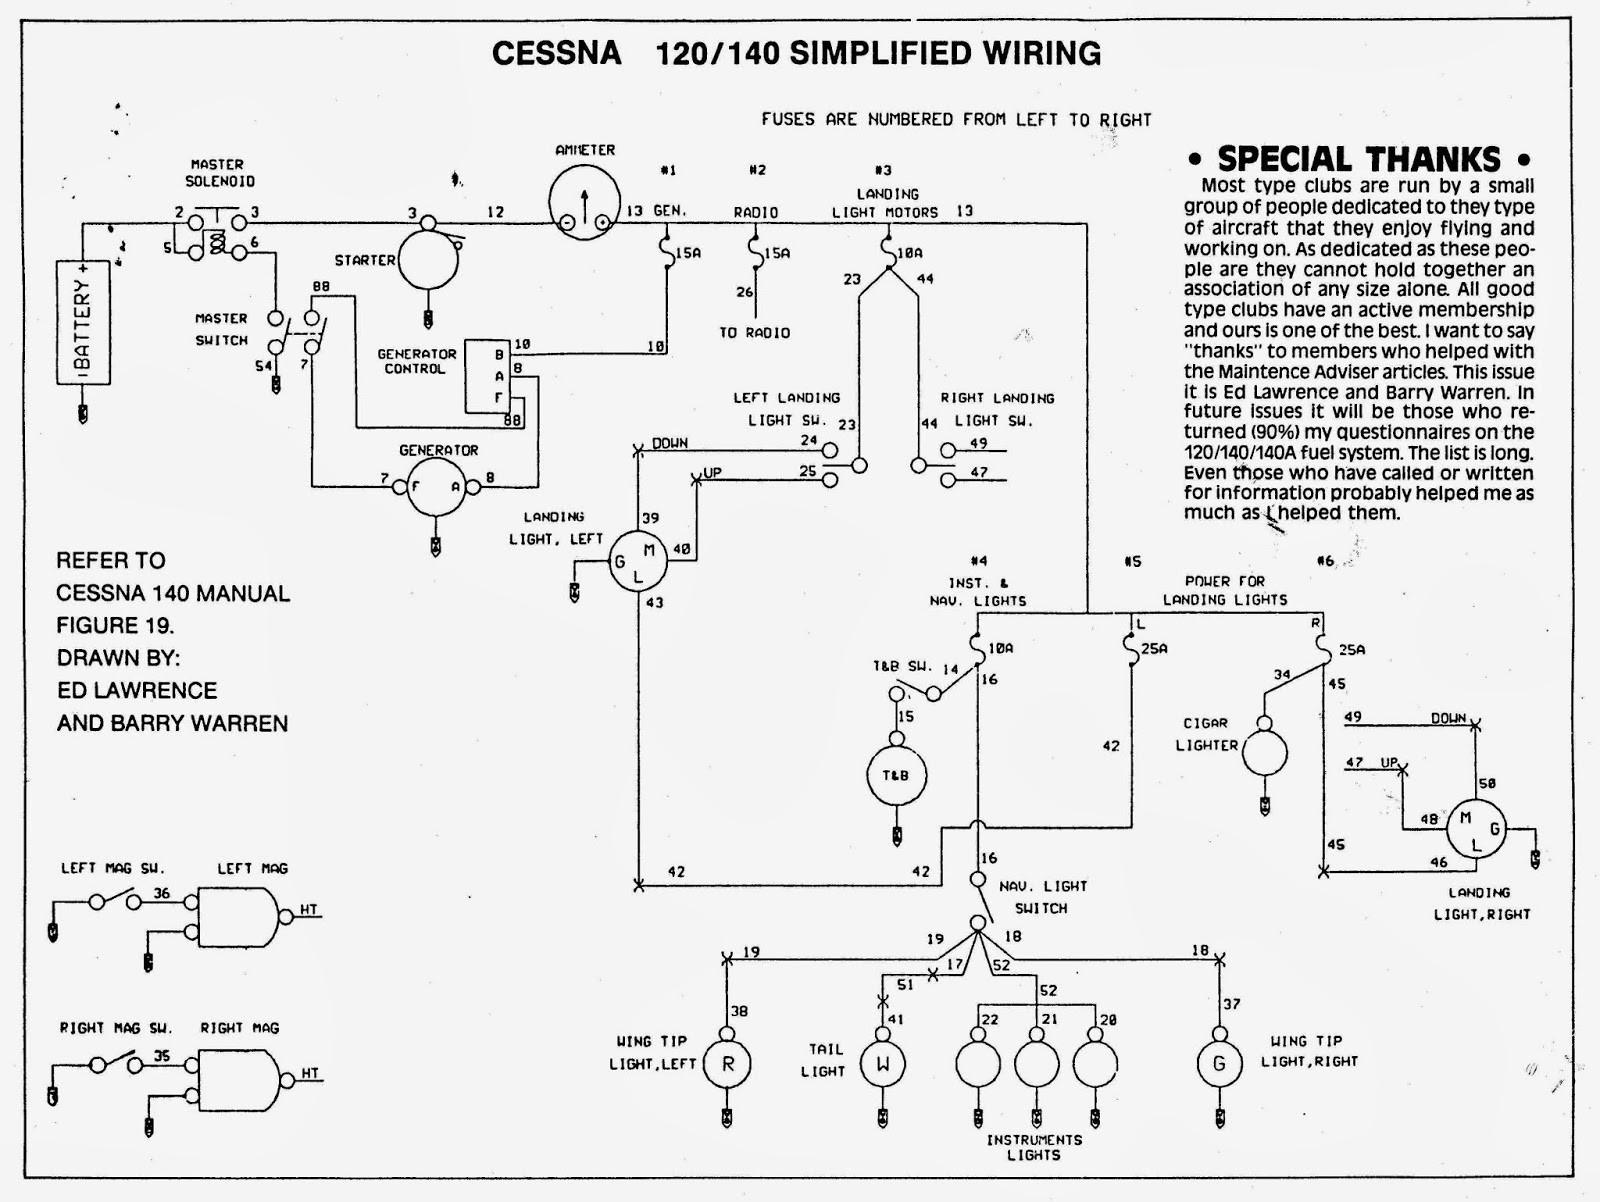 Cessna 172 Alternator Wiring Diagram - 2000 Ford F 150 Wiring Diagram for Wiring  Diagram SchematicsWiring Diagram Schematics